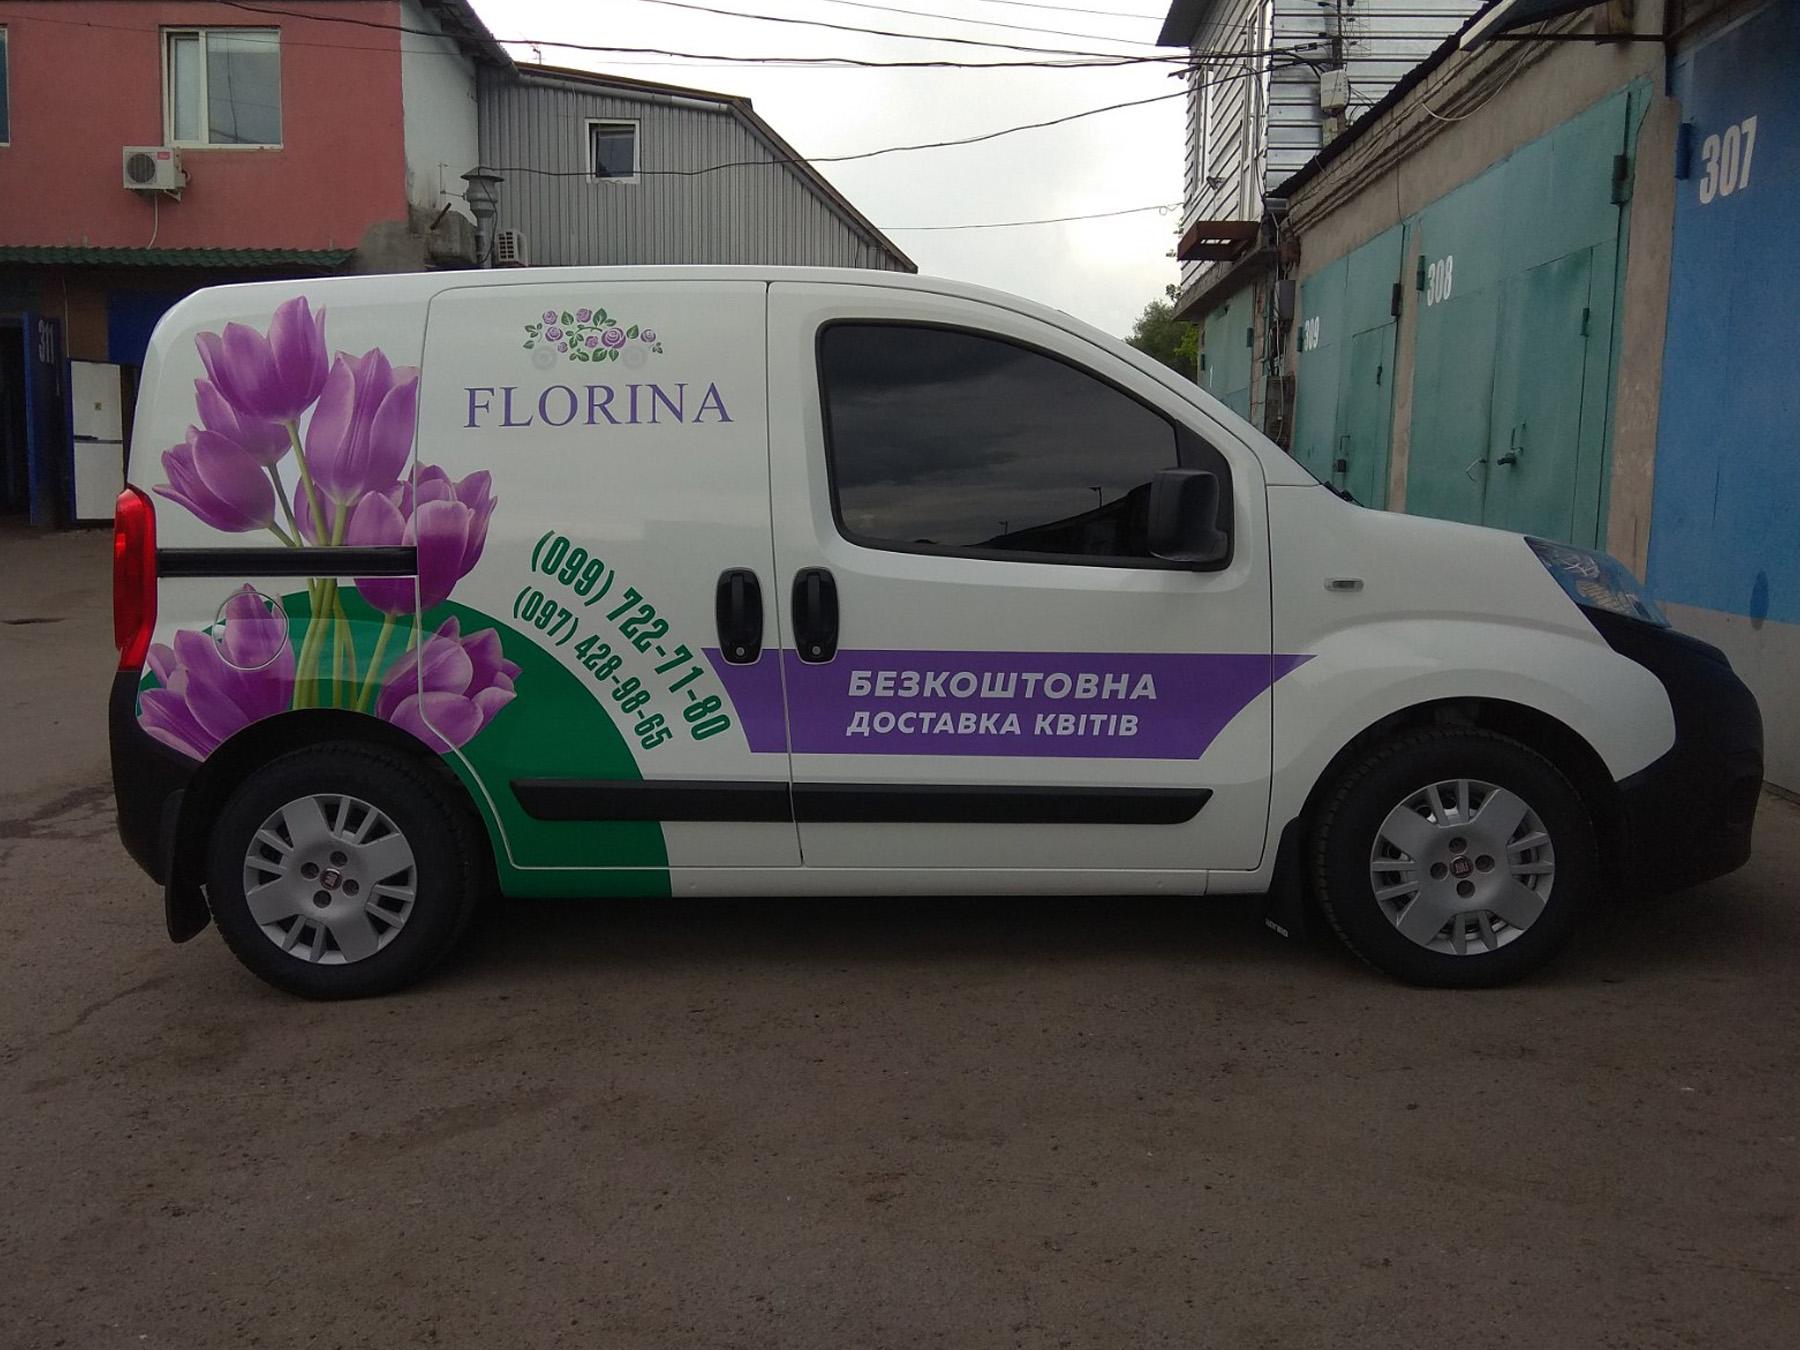 Печать рекламы на авто для доставки цветов